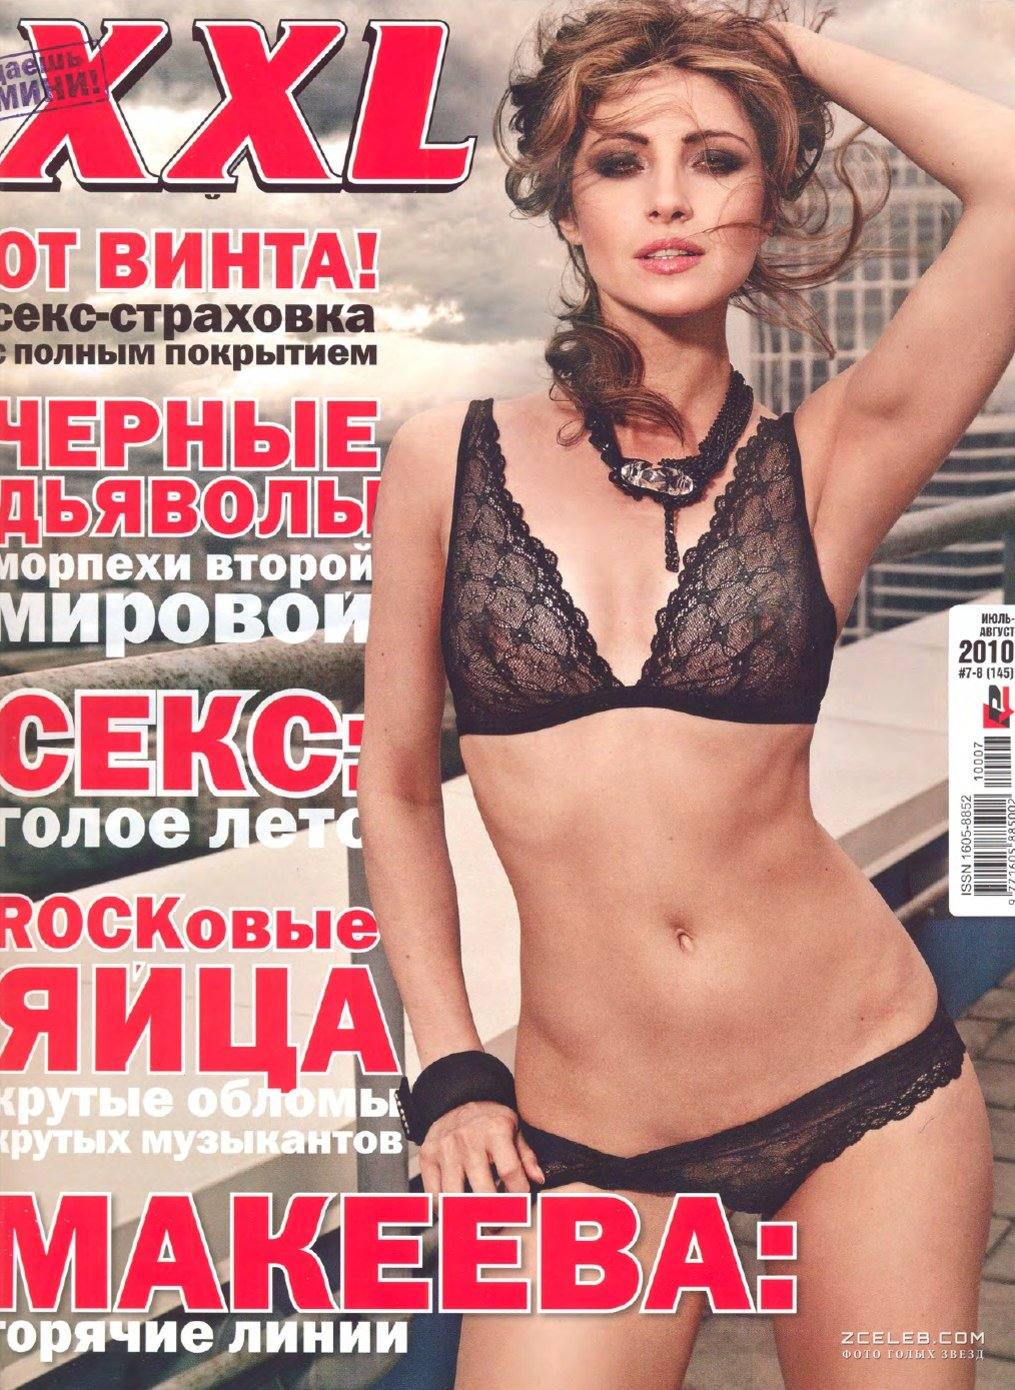 Анастасия Макеева Обнаженная